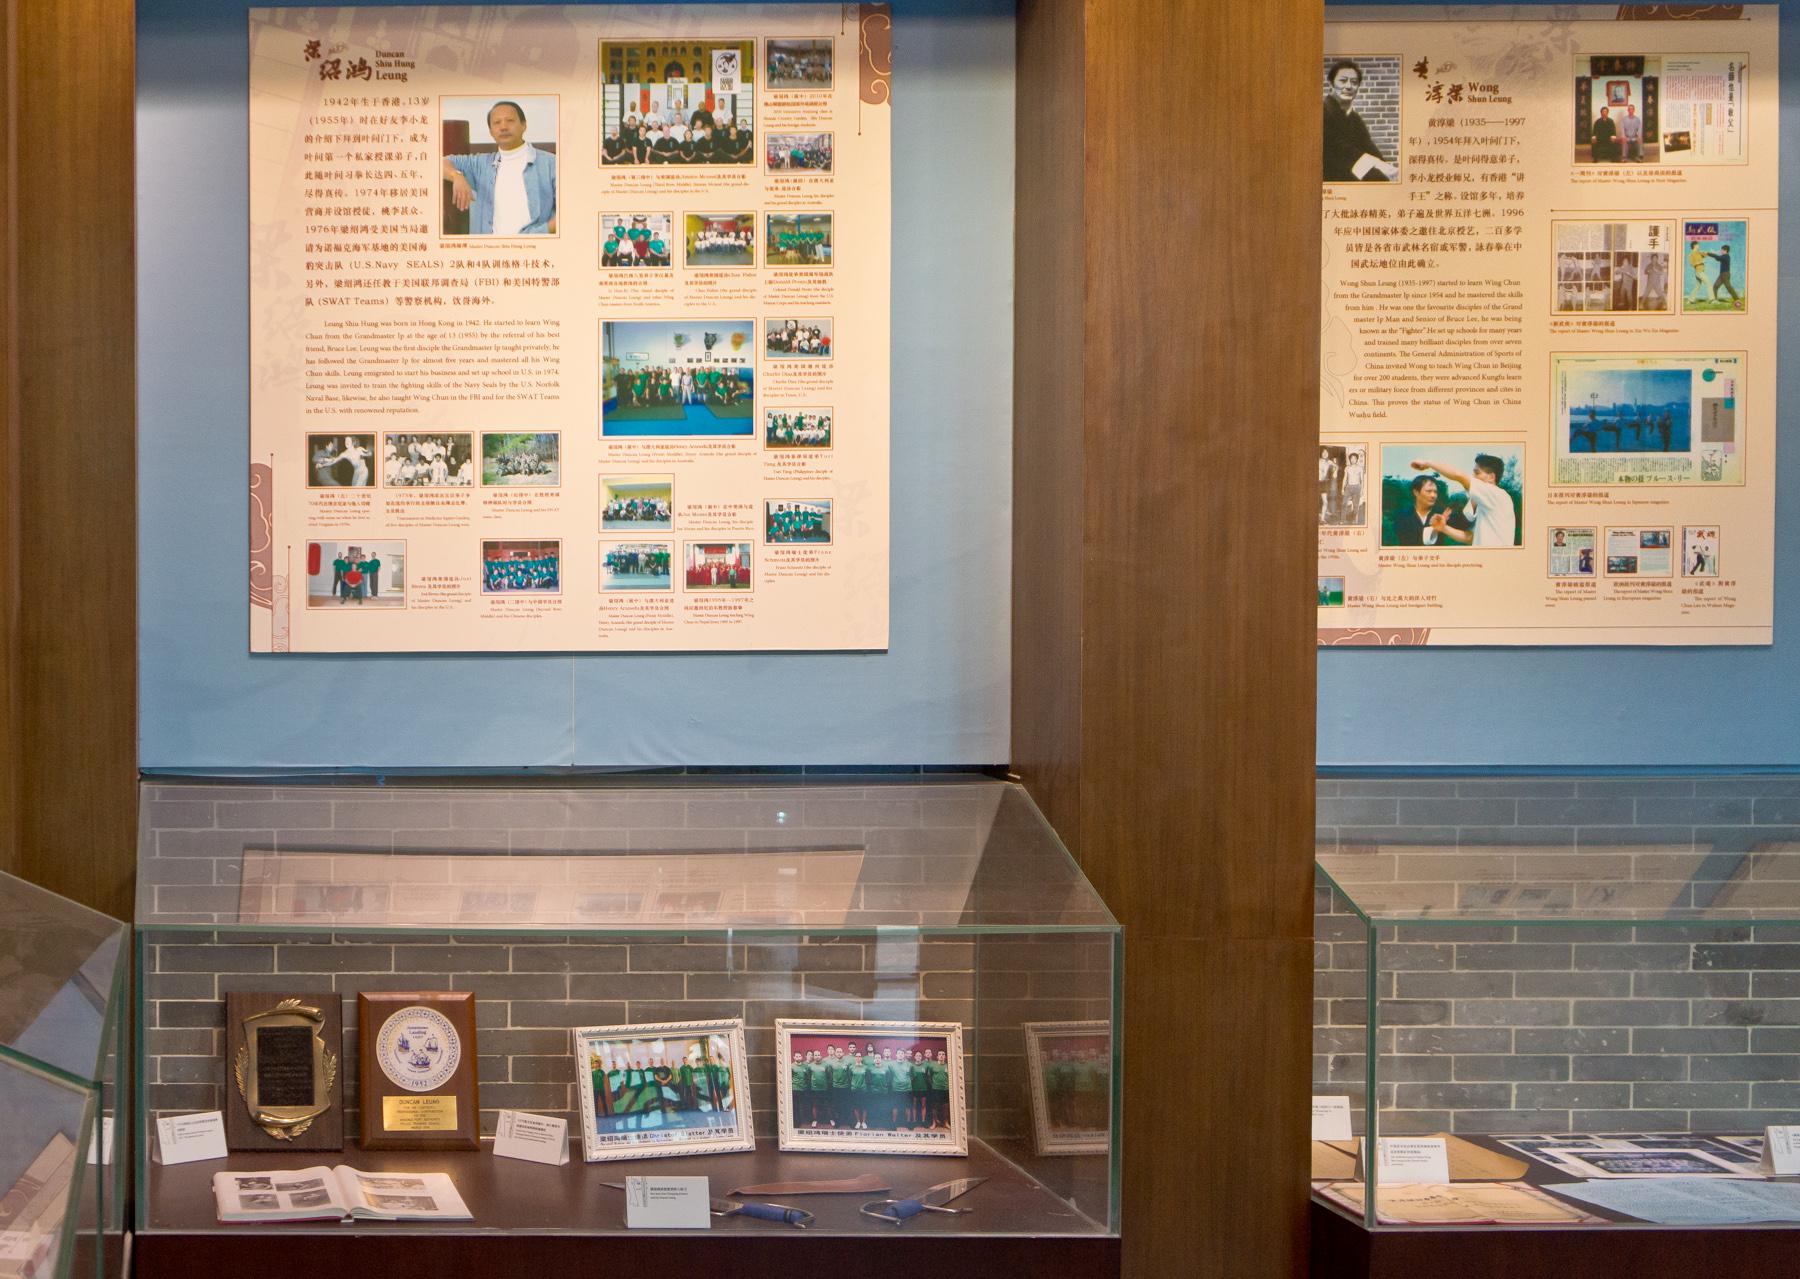 Display case within memorial hall beside Wong Shun Leung